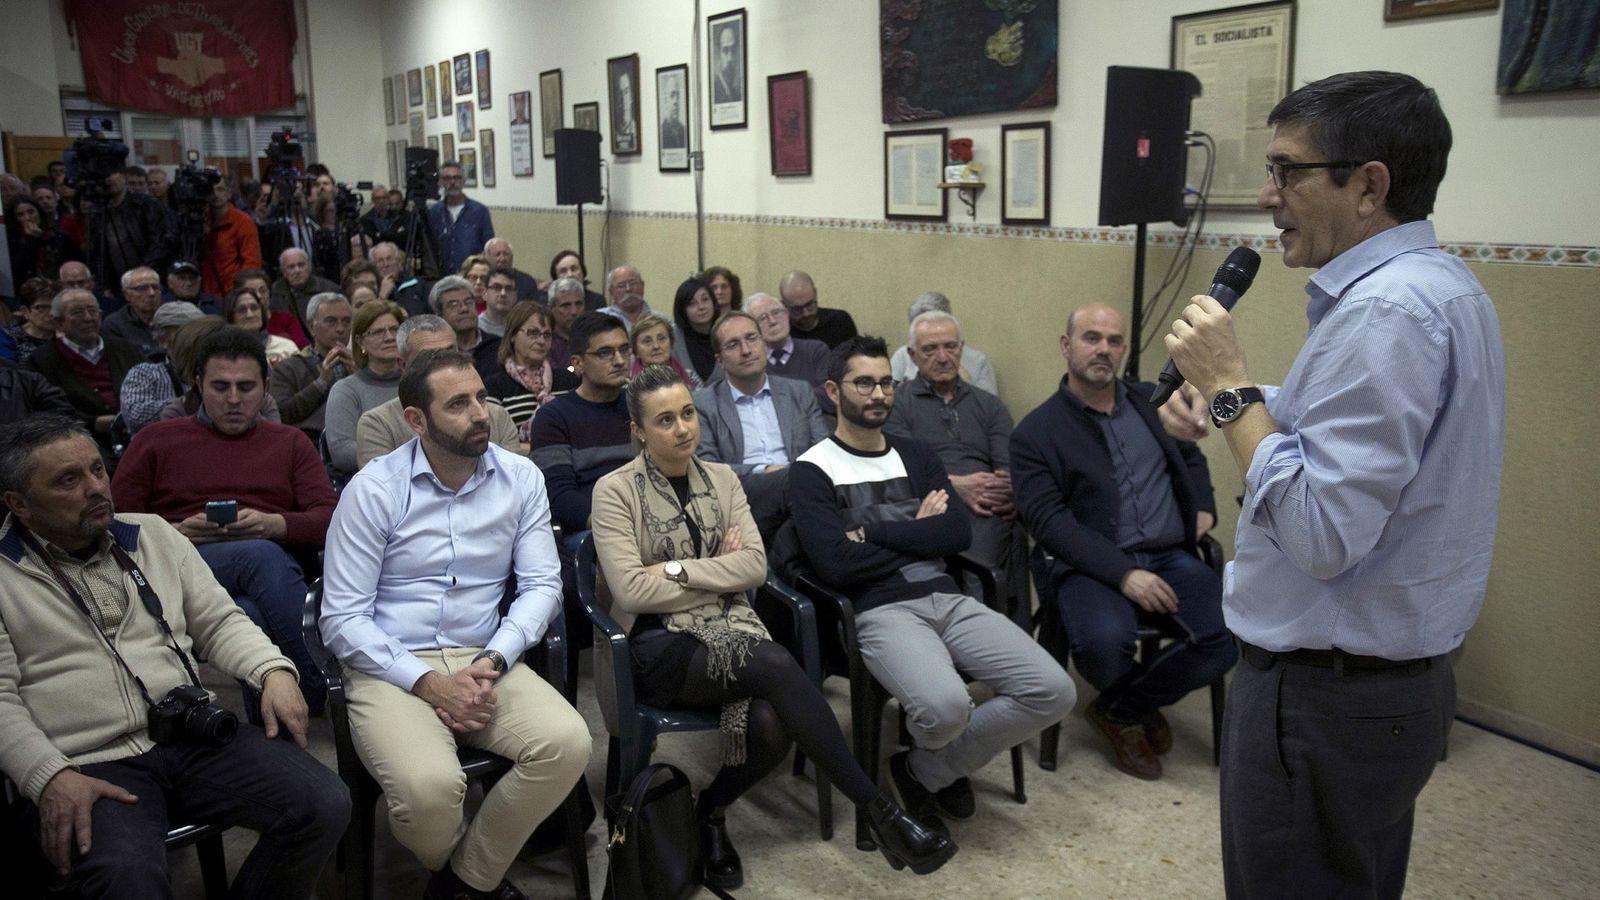 Foto: Patxi López, en un encuentro con militantes este 28 de febrero en La Vall d'Uixó, Castellón. (EFE)